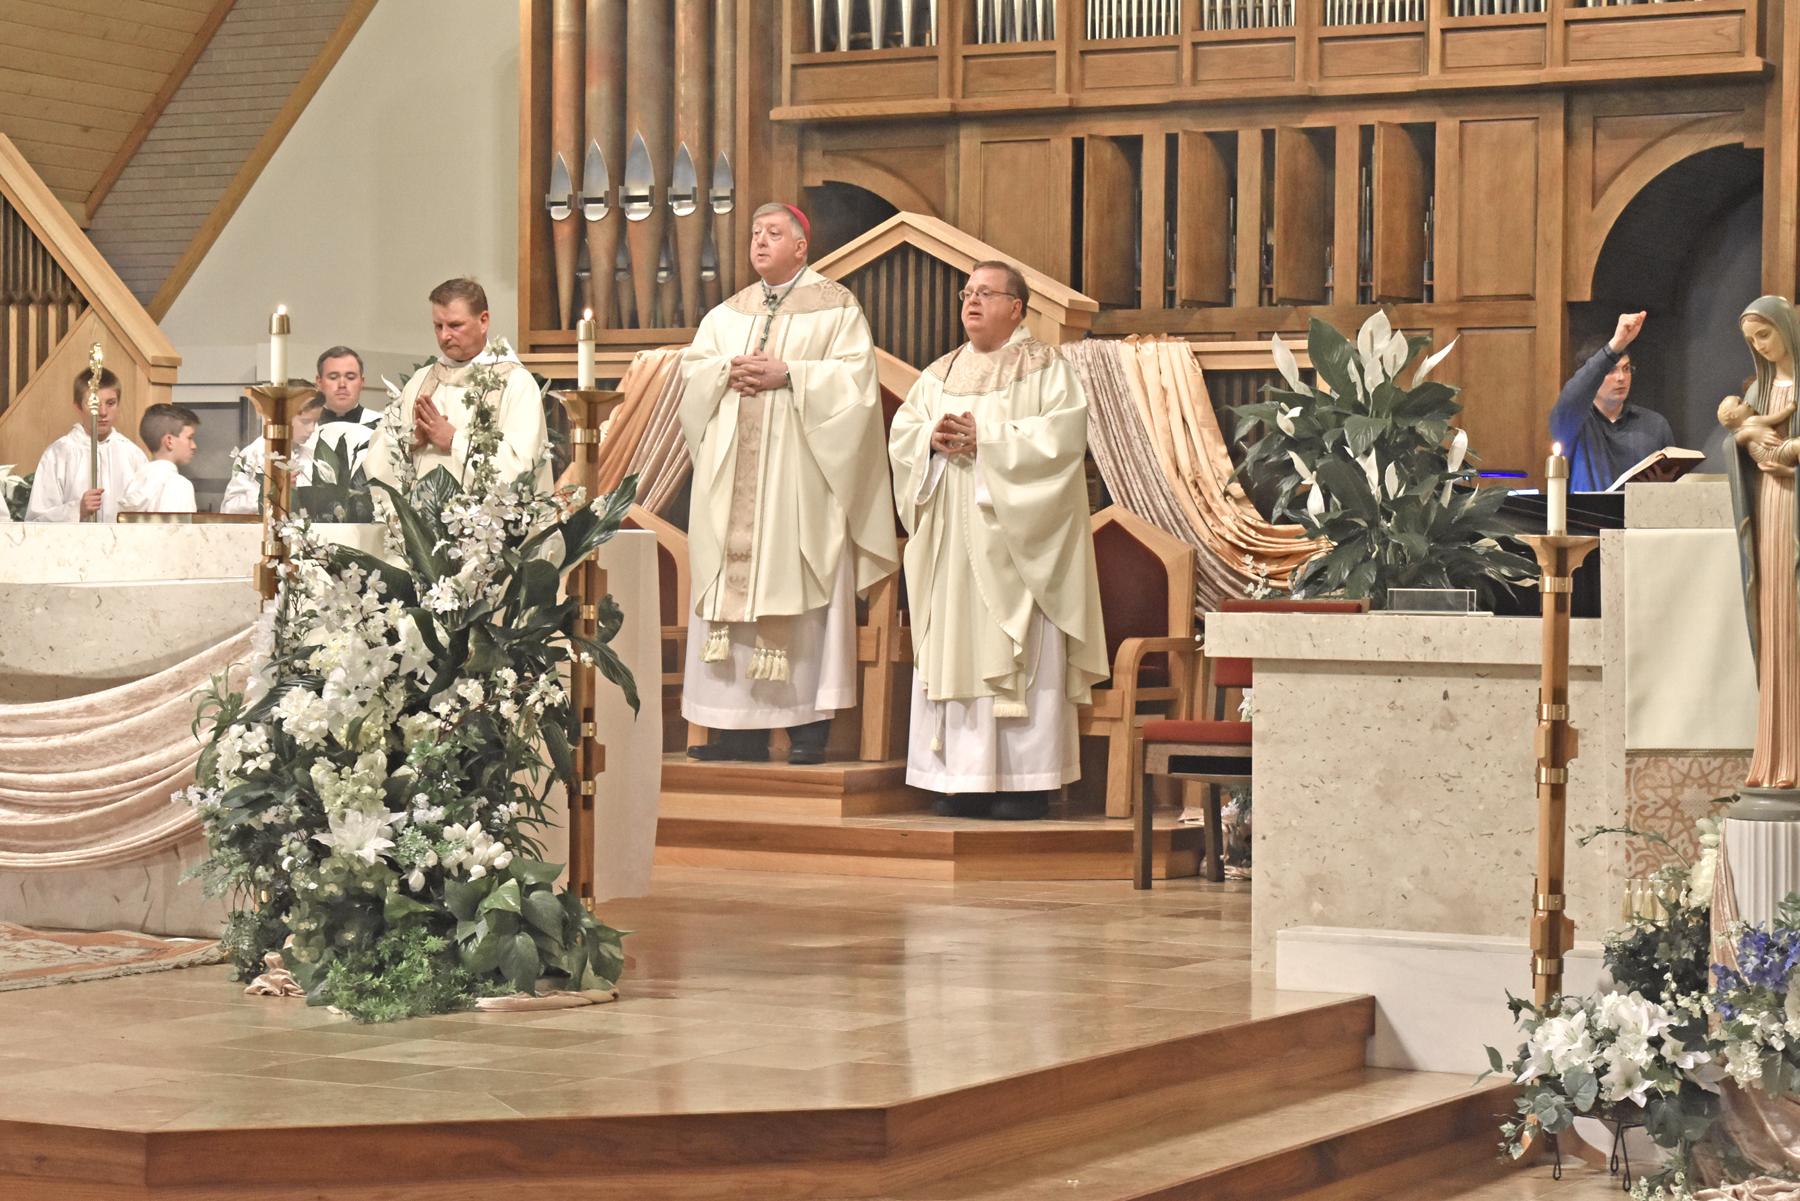 Mass begins